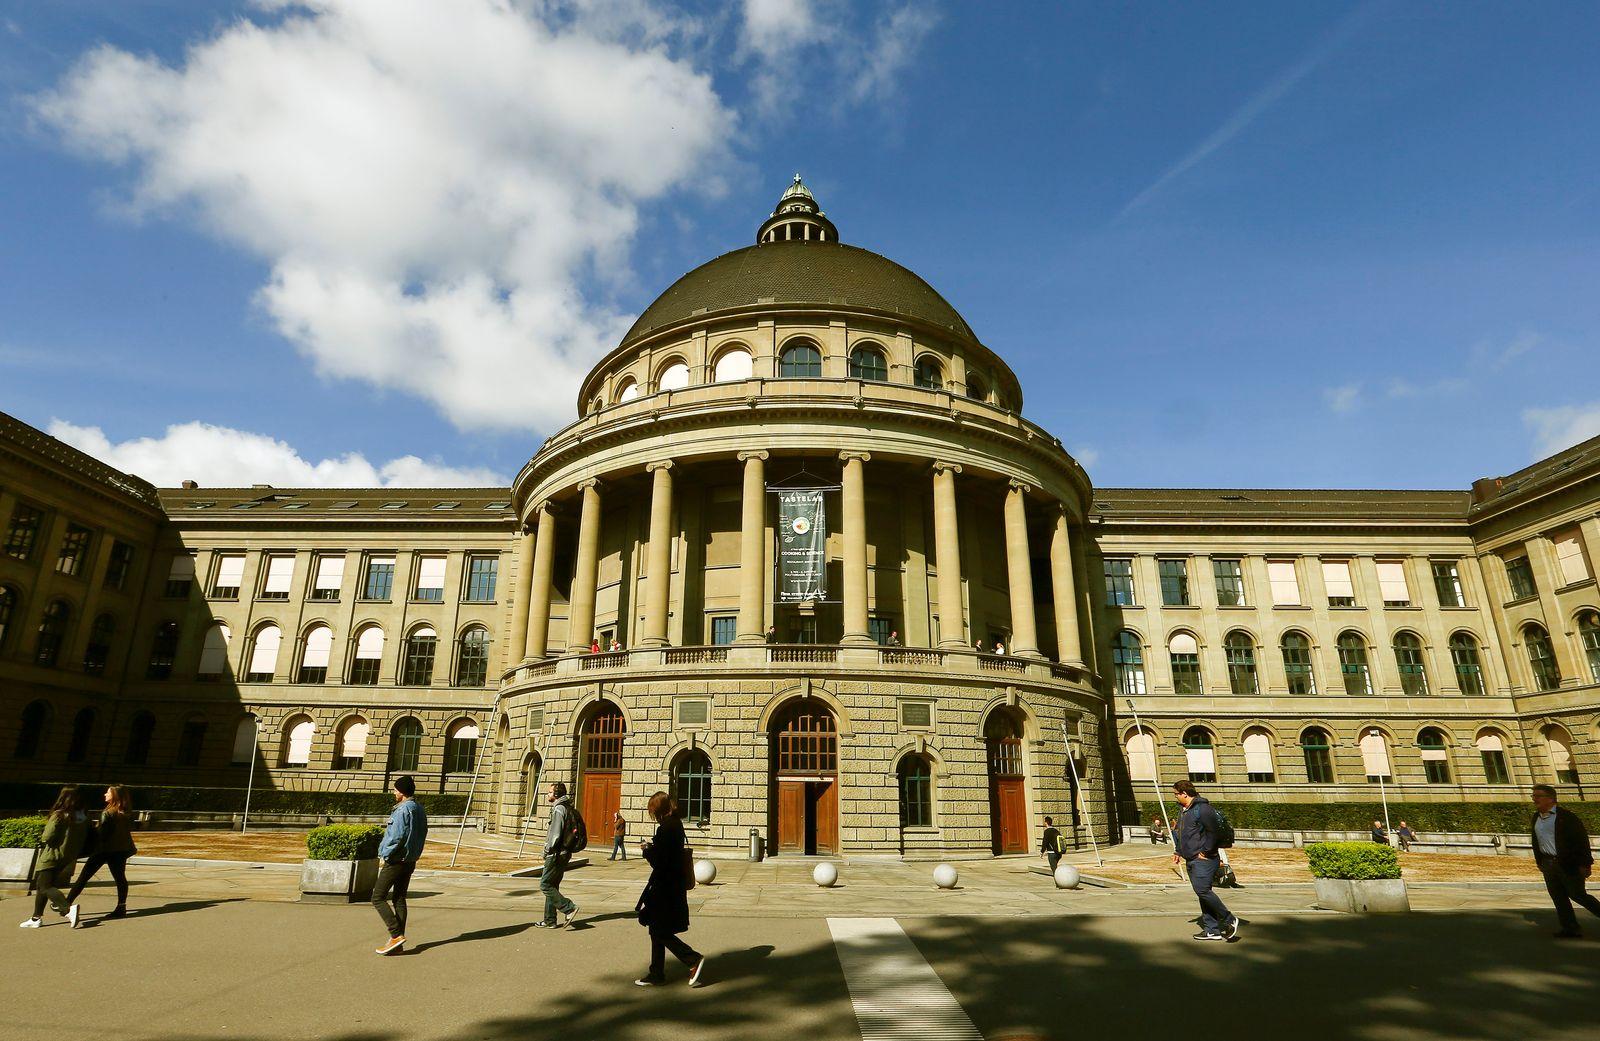 ETH Zurich / 10 beste Unis der welt